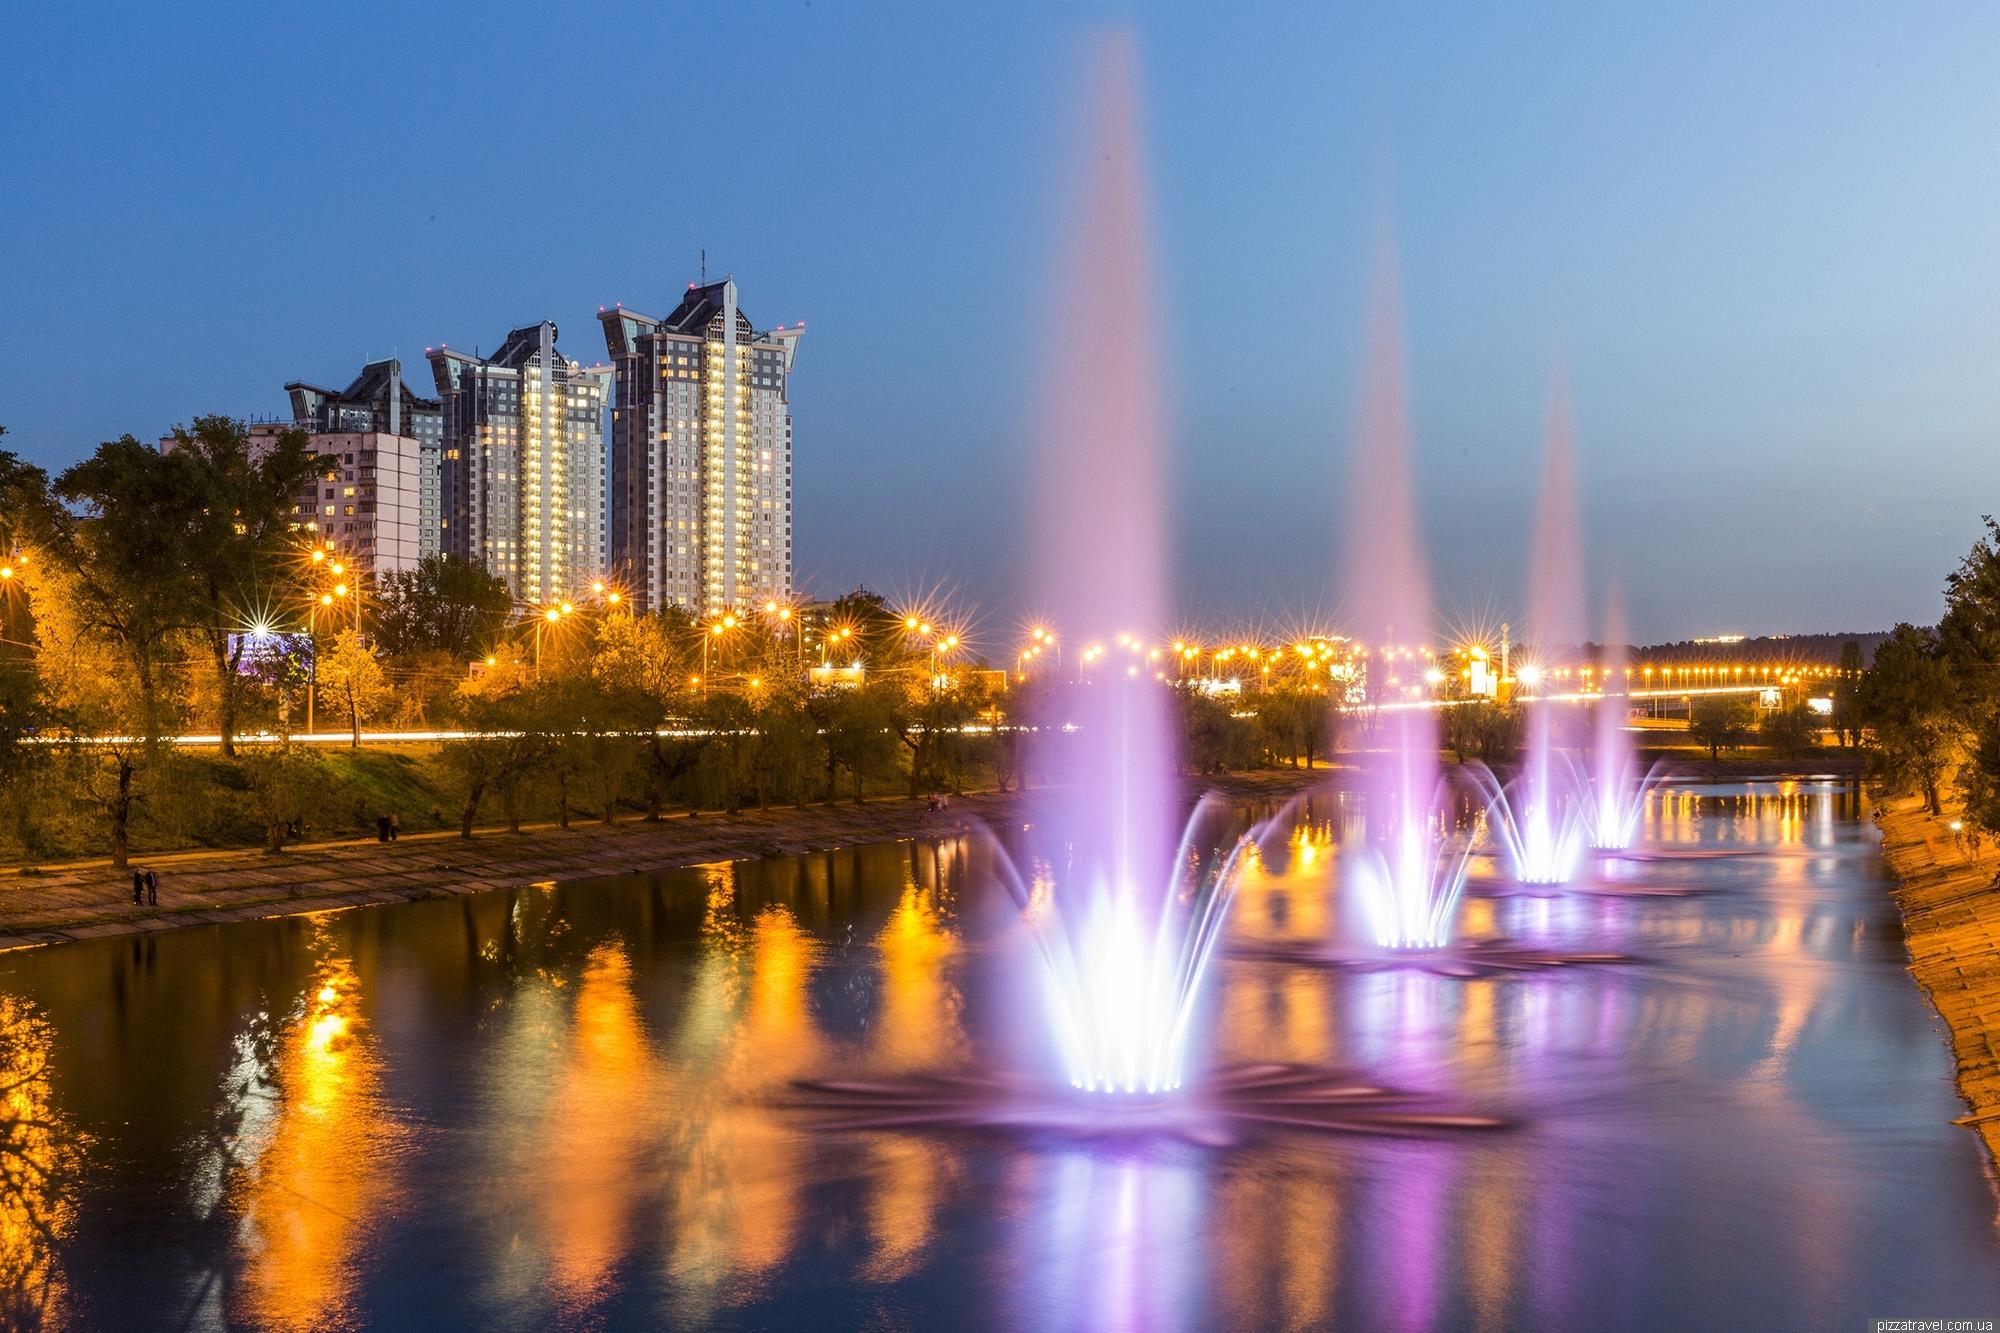 Краса, яку ми самі не бачимо. Чому Україна модна серед іноземних артистів і брендів? ВІДЕО